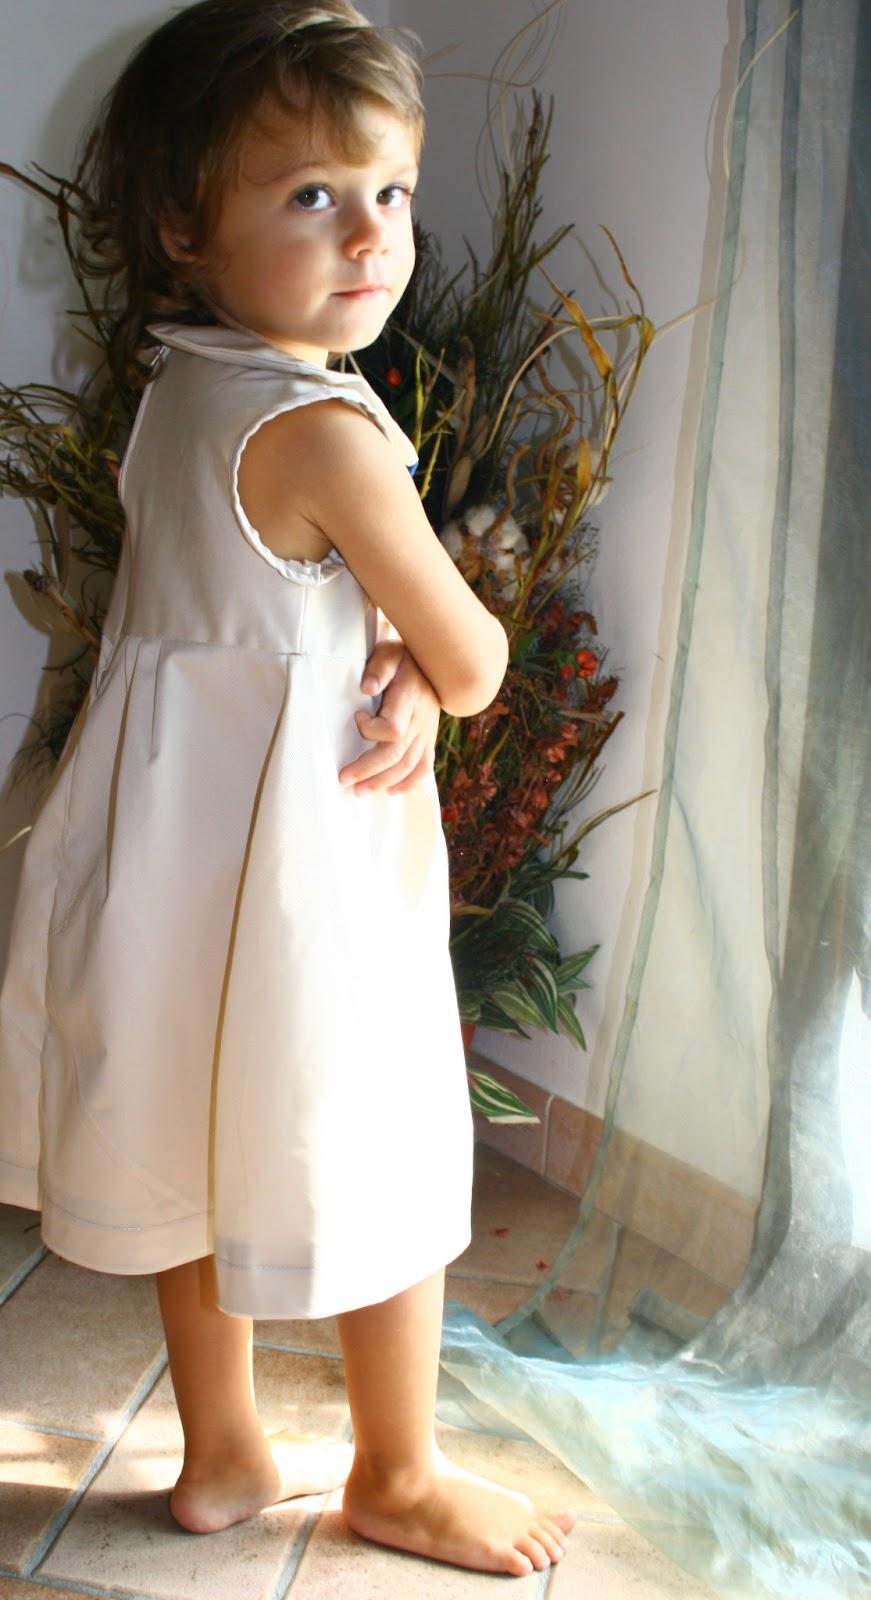 МК платье-трансформер / как сшить платье трансформер 48